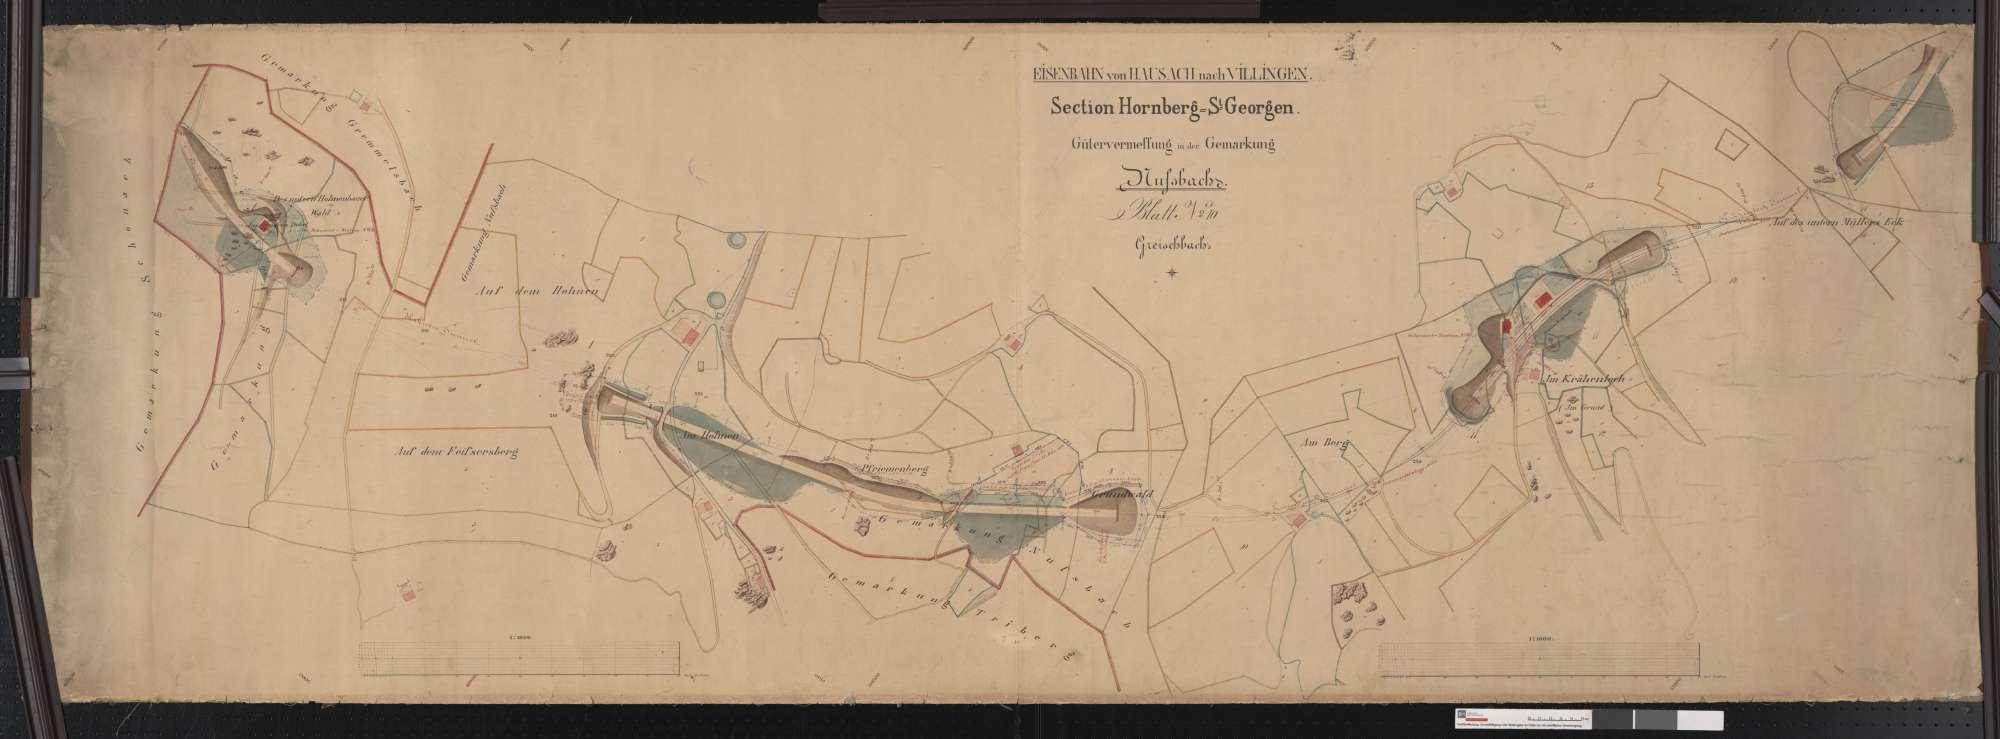 Gütervermessung der Bahn Hausach bis Villingen, Sektion Hornberg-St. Georgen, Gemarkung Nußbach (Greischbach) Streckenausschnitt: 62,3 bis 64,1 km, Bild 1